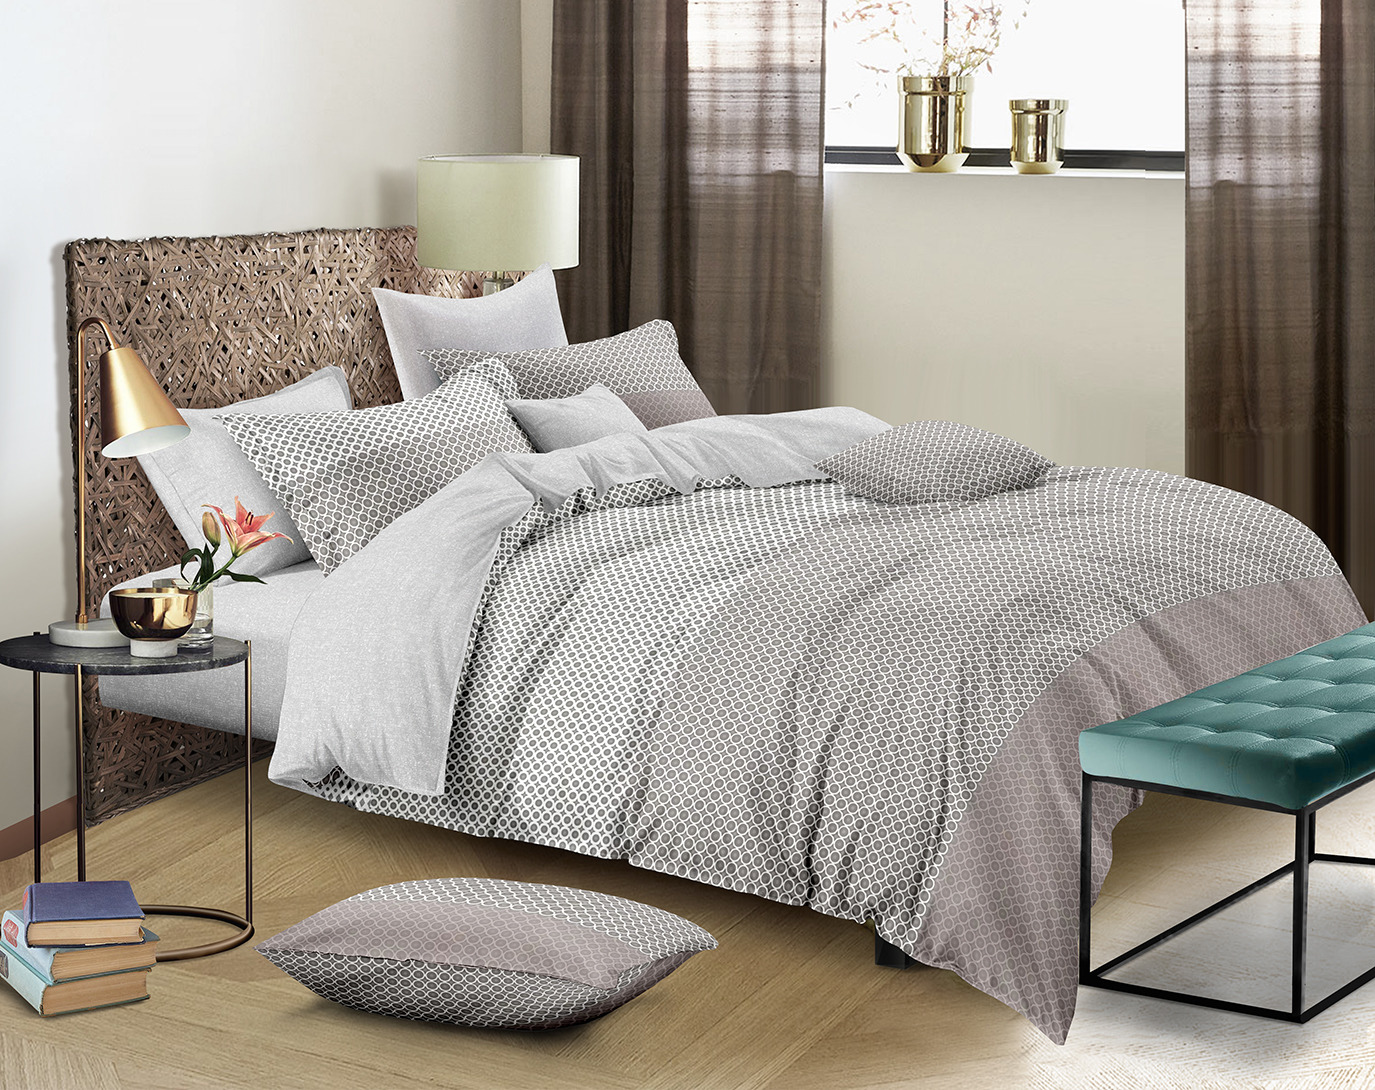 Комплект постельного белья Amore Mio Gold Calvin, 7832, бежевый, 1,5-спальный, наволочки 70x70